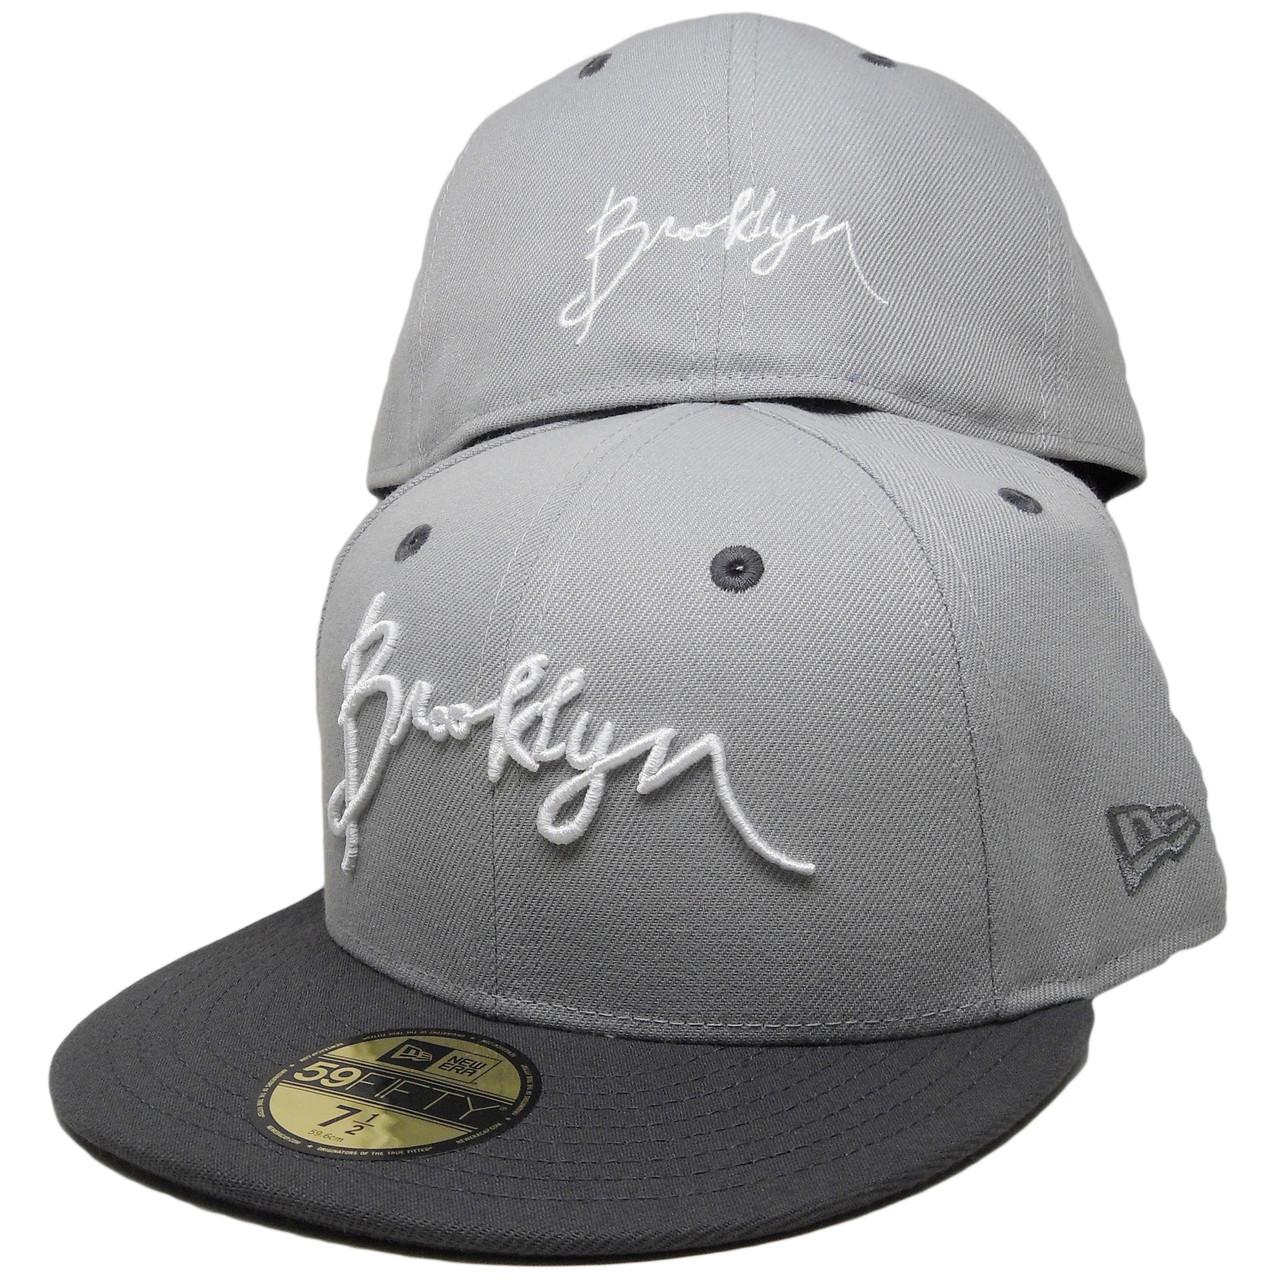 Script Brooklyn New Era Custom 59Fifty Fitted Hat - Gray 7d2419b3d22a